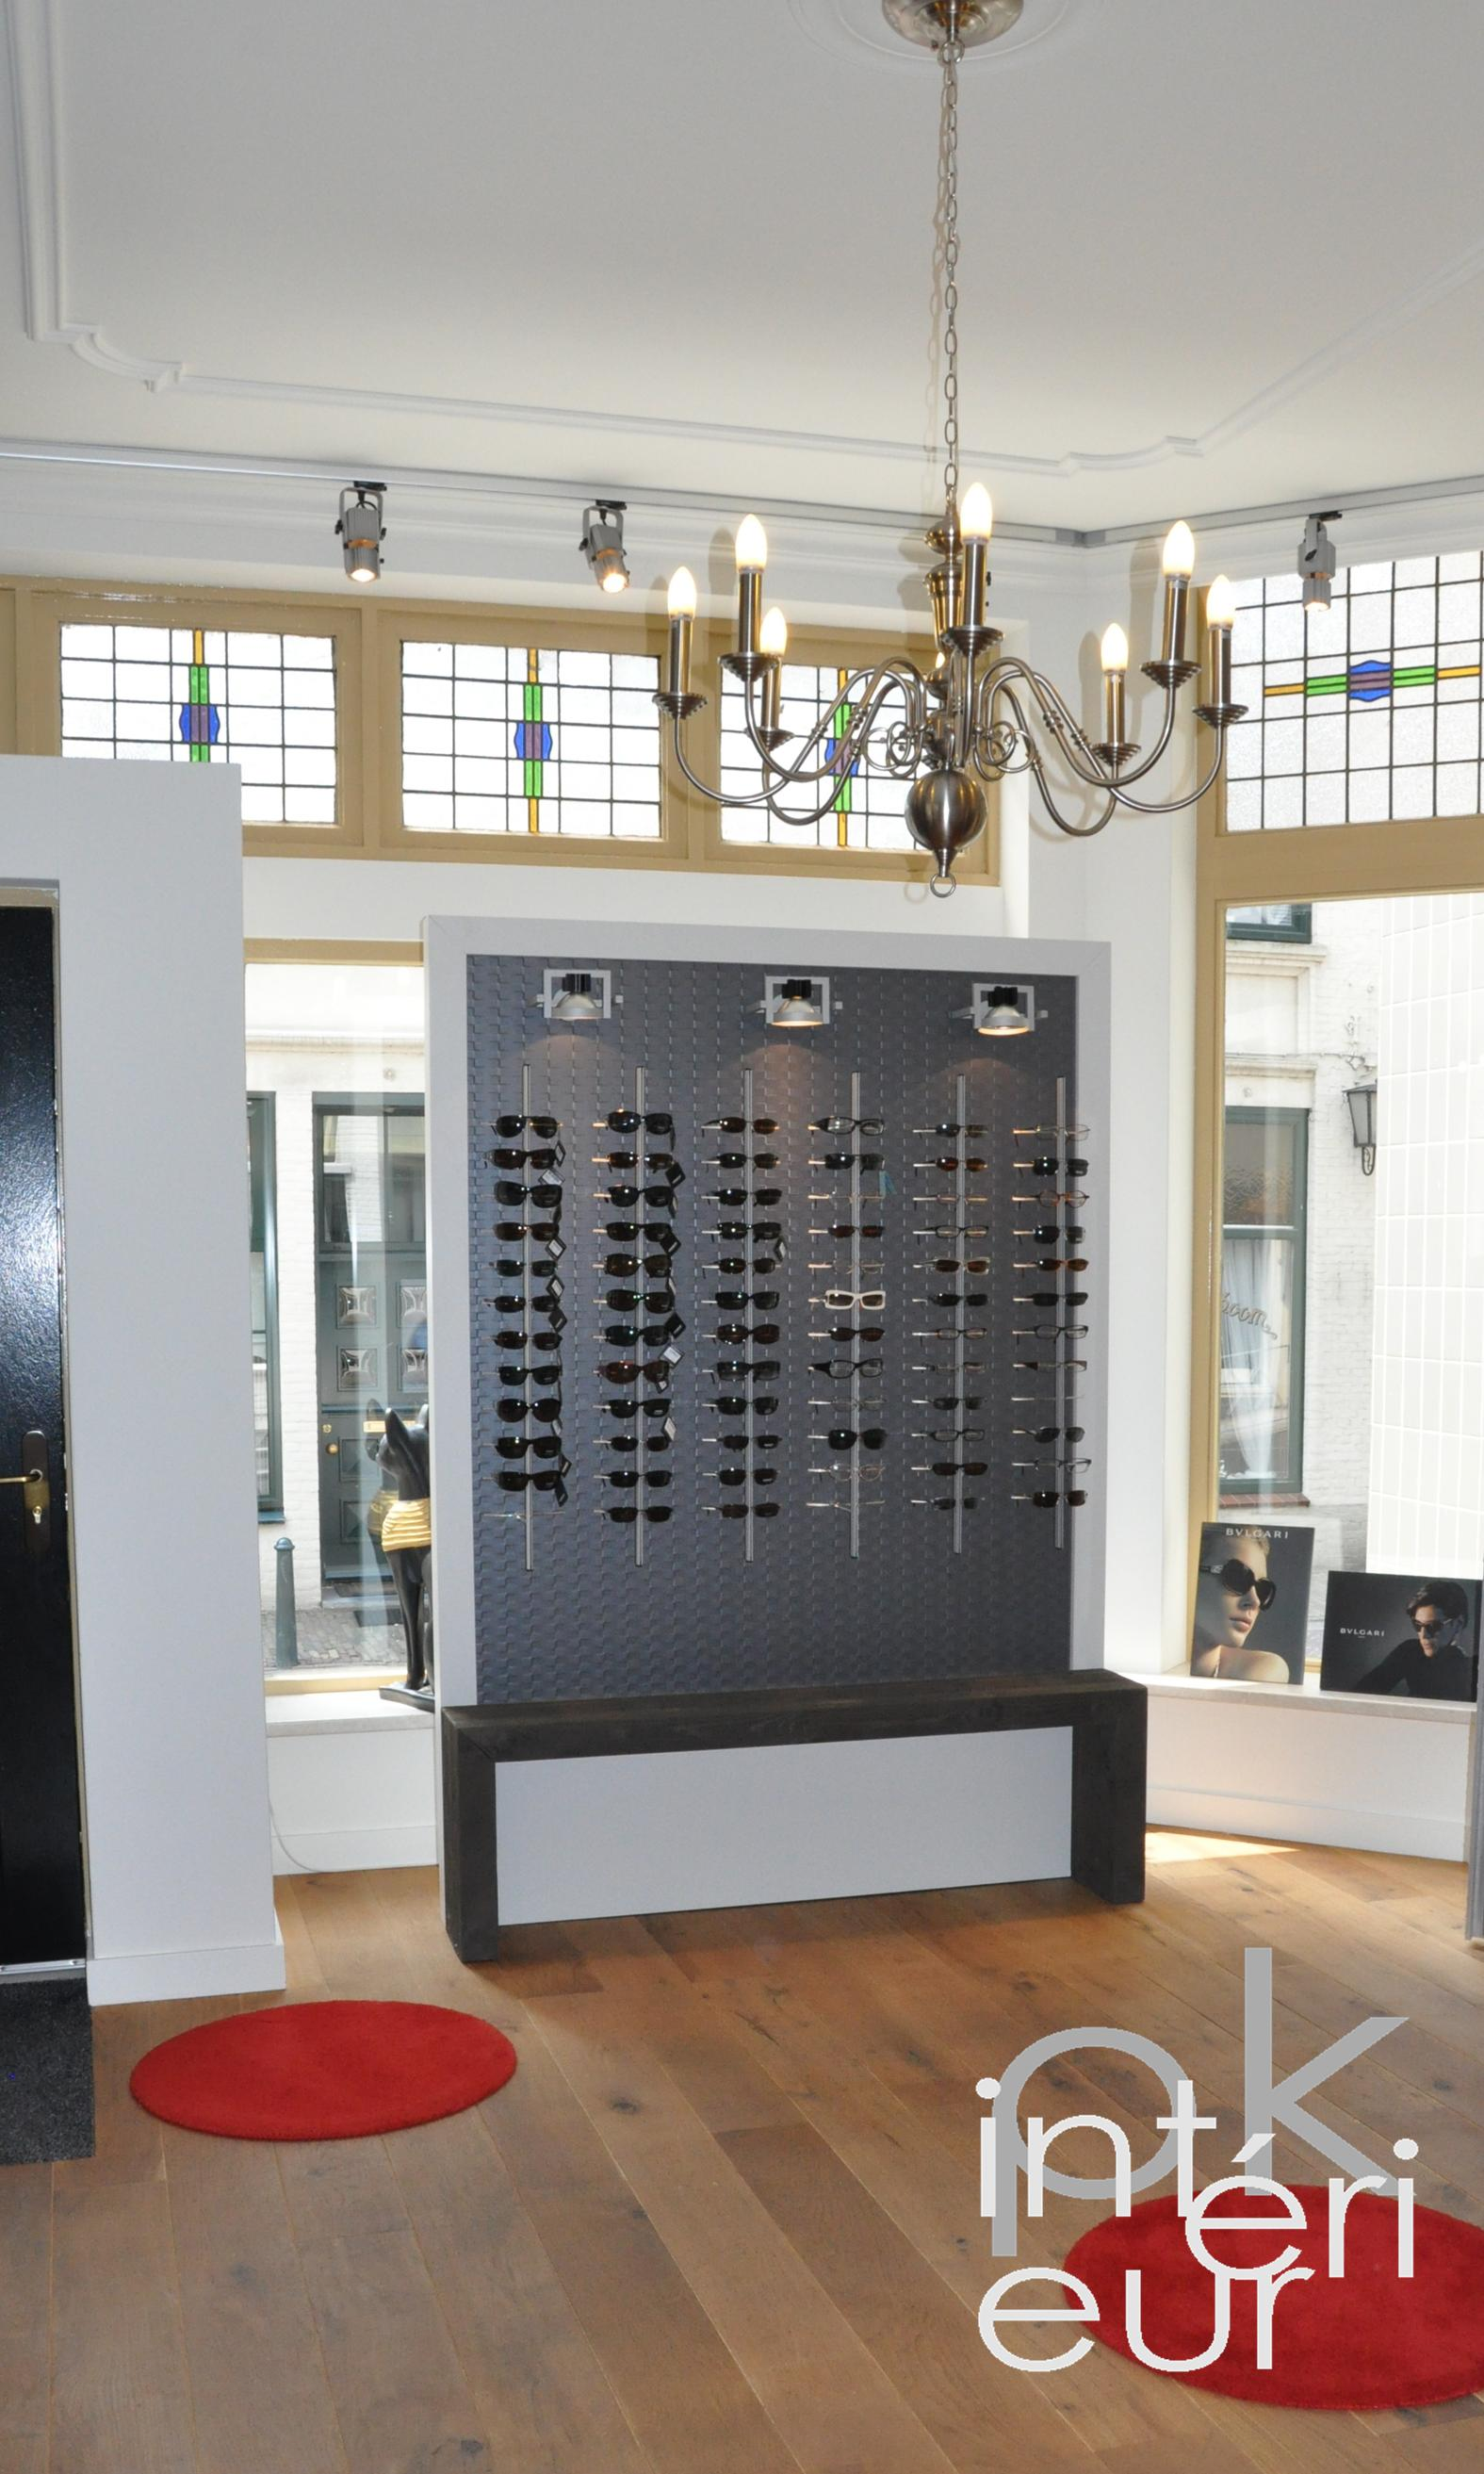 conception d int rieur et design de mobilier pour magasin pk interieur lyon. Black Bedroom Furniture Sets. Home Design Ideas